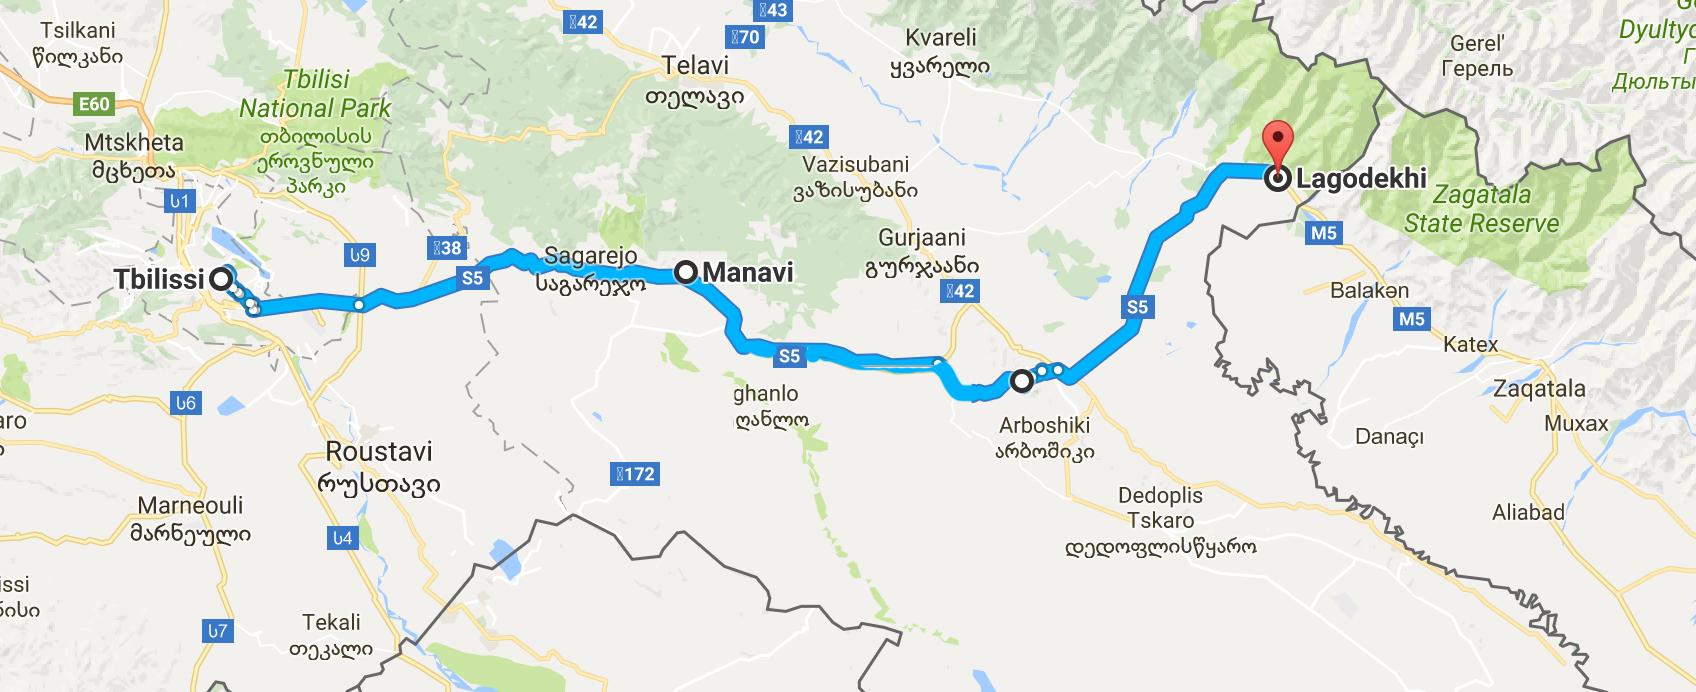 De Tbilissi à l'Azerbaïdjan, sur 160 km.